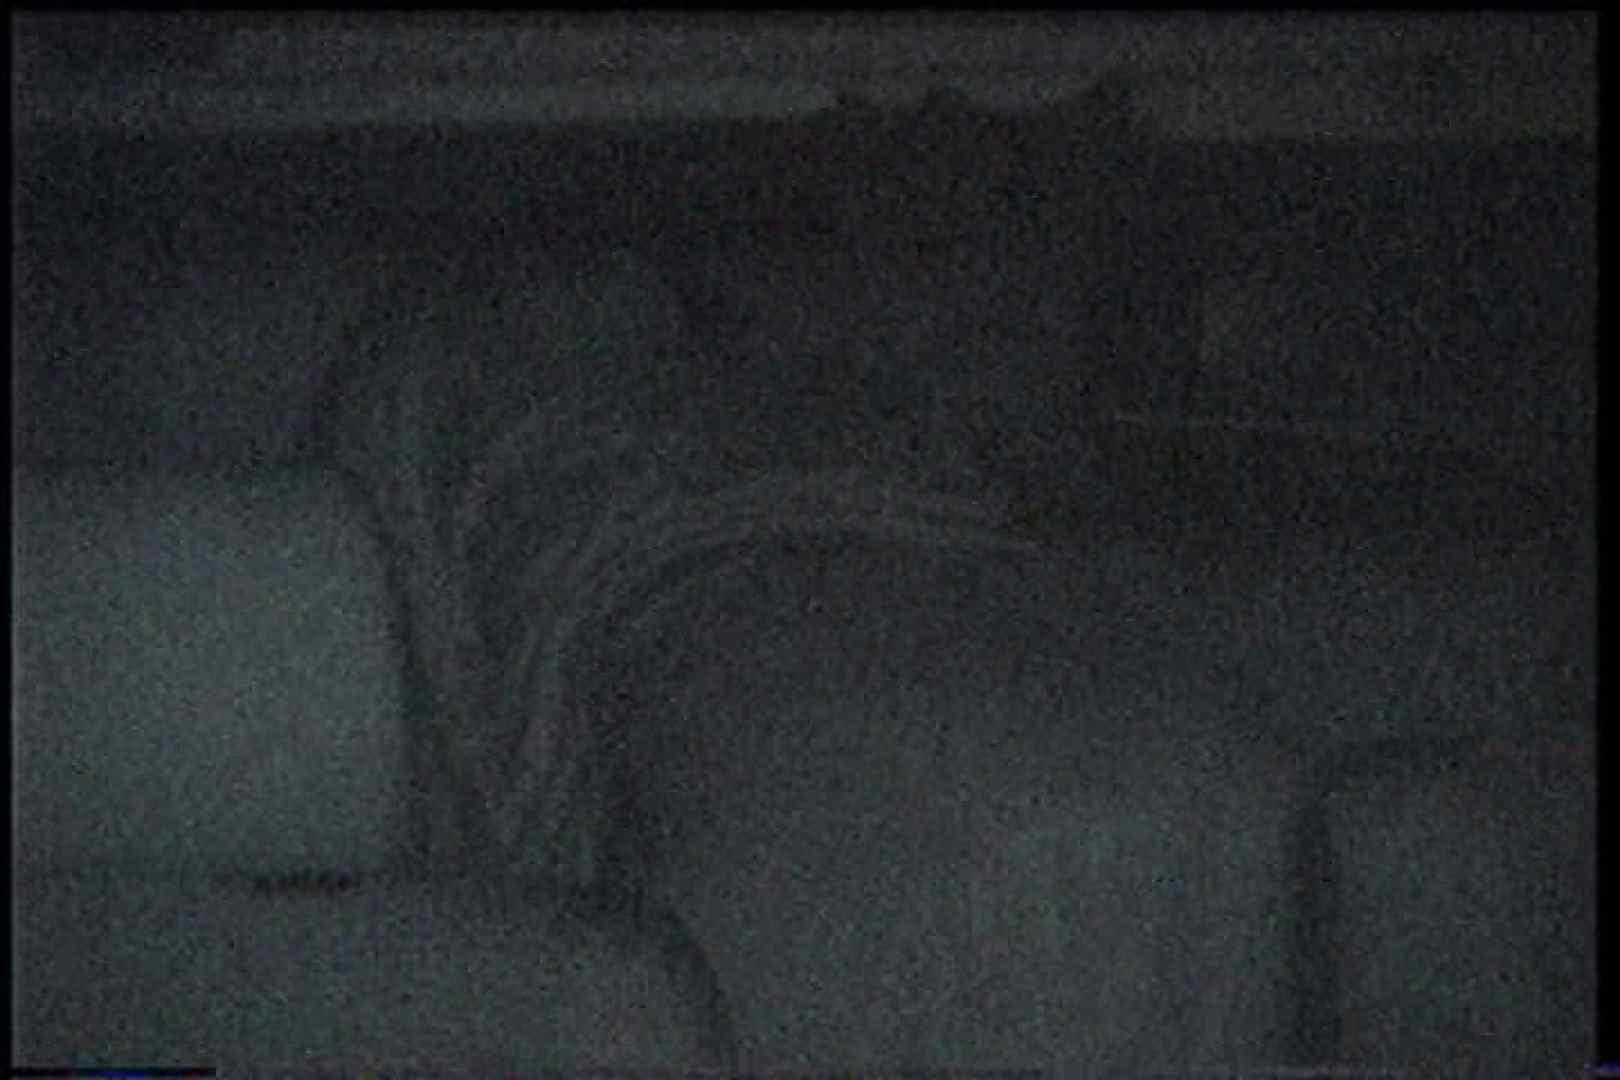 充血監督の深夜の運動会Vol.181 車の中のカップル オマンコ動画キャプチャ 79画像 16